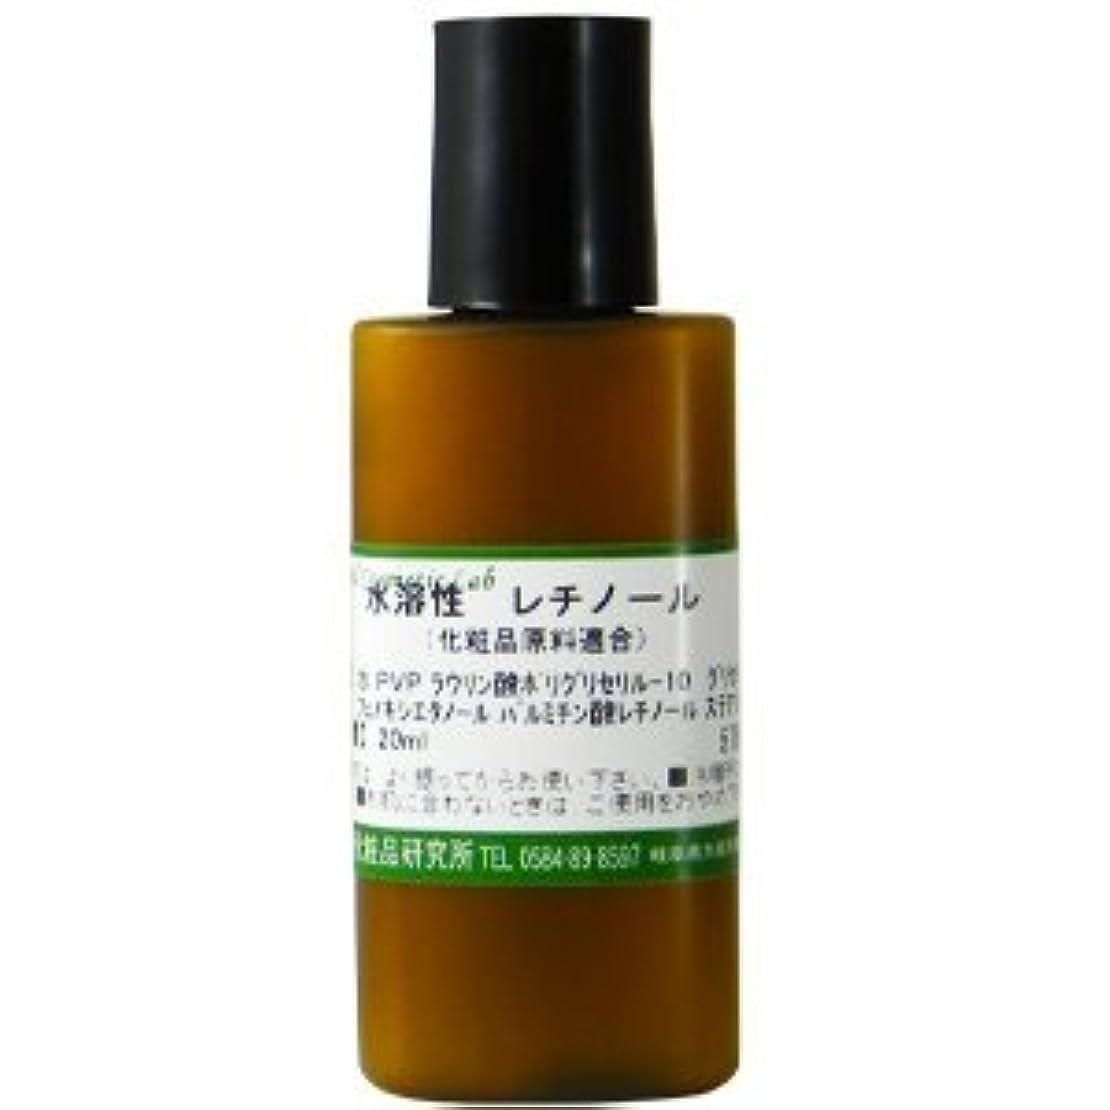 電報毒液うまれた水溶性レチノール 20ml 【手作り化粧品原料】